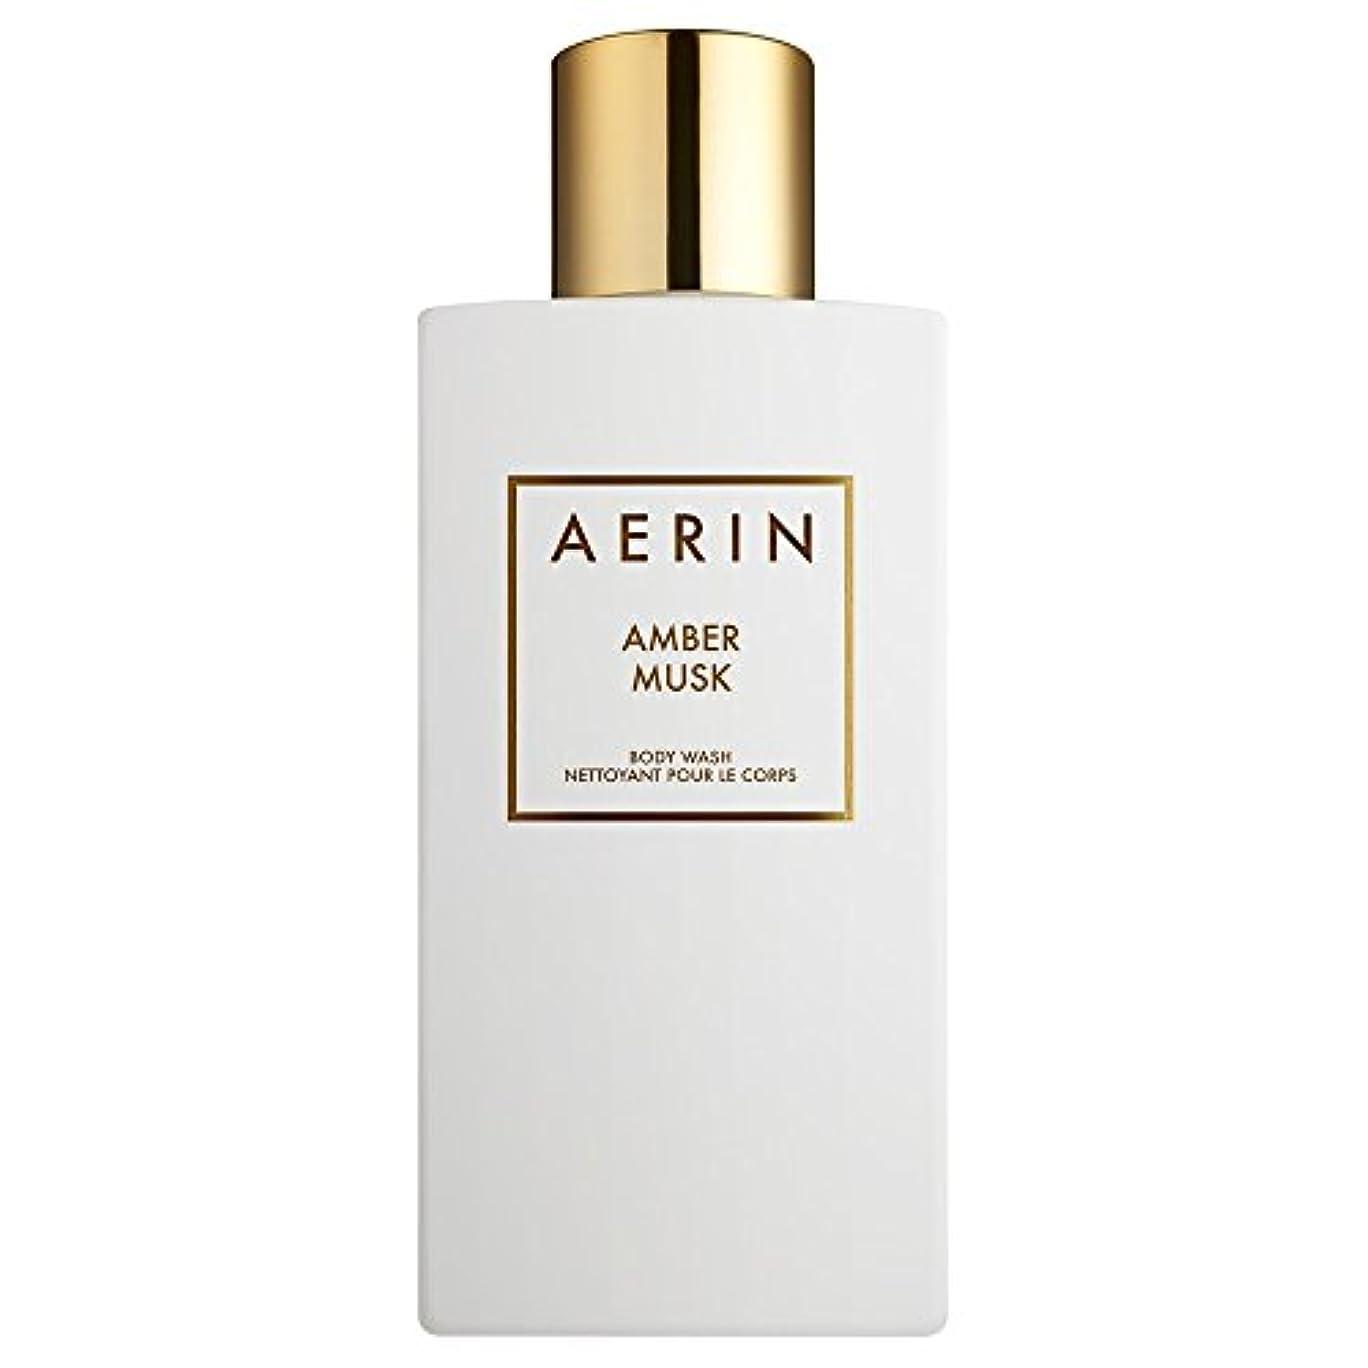 組み立てる影のある毎回Aerinアンバームスクボディウォッシュ225ミリリットル (AERIN) (x6) - AERIN Amber Musk Bodywash 225ml (Pack of 6) [並行輸入品]